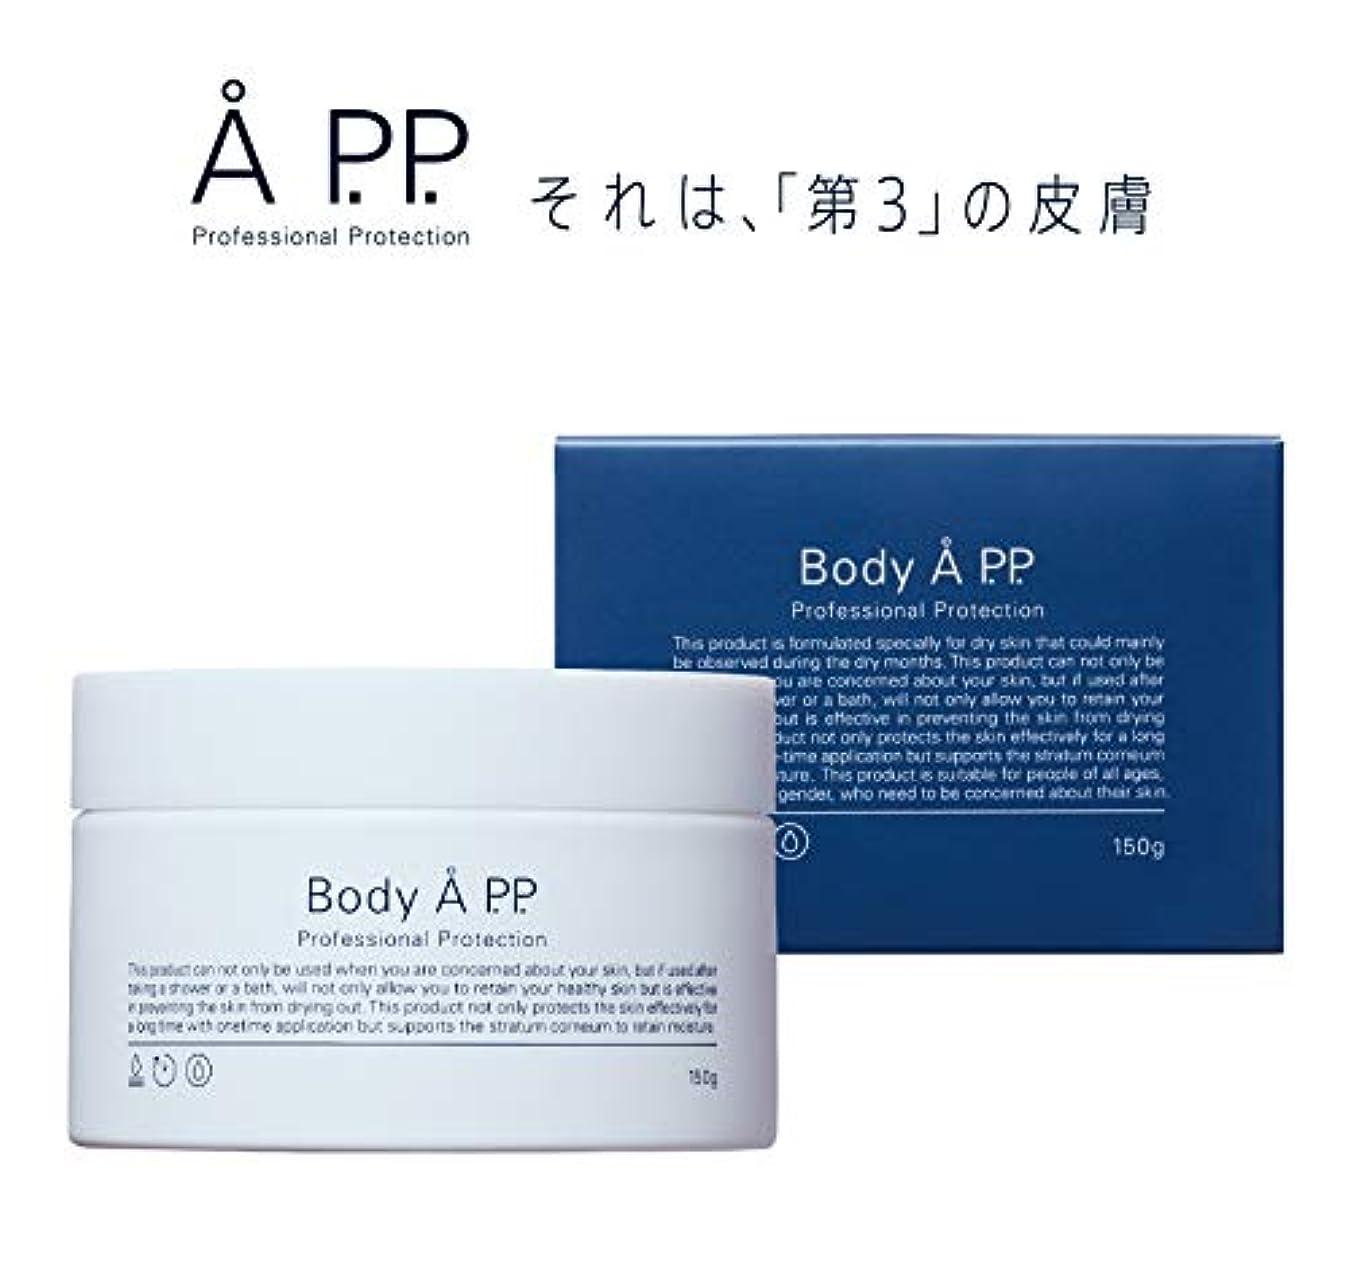 平和的最近マニフェストBody A P.P. プロフェッショナルプロテクション 高機能 ボディクリーム ボディークリーム 人気 ランキング 保湿 無香料 150g (1個)